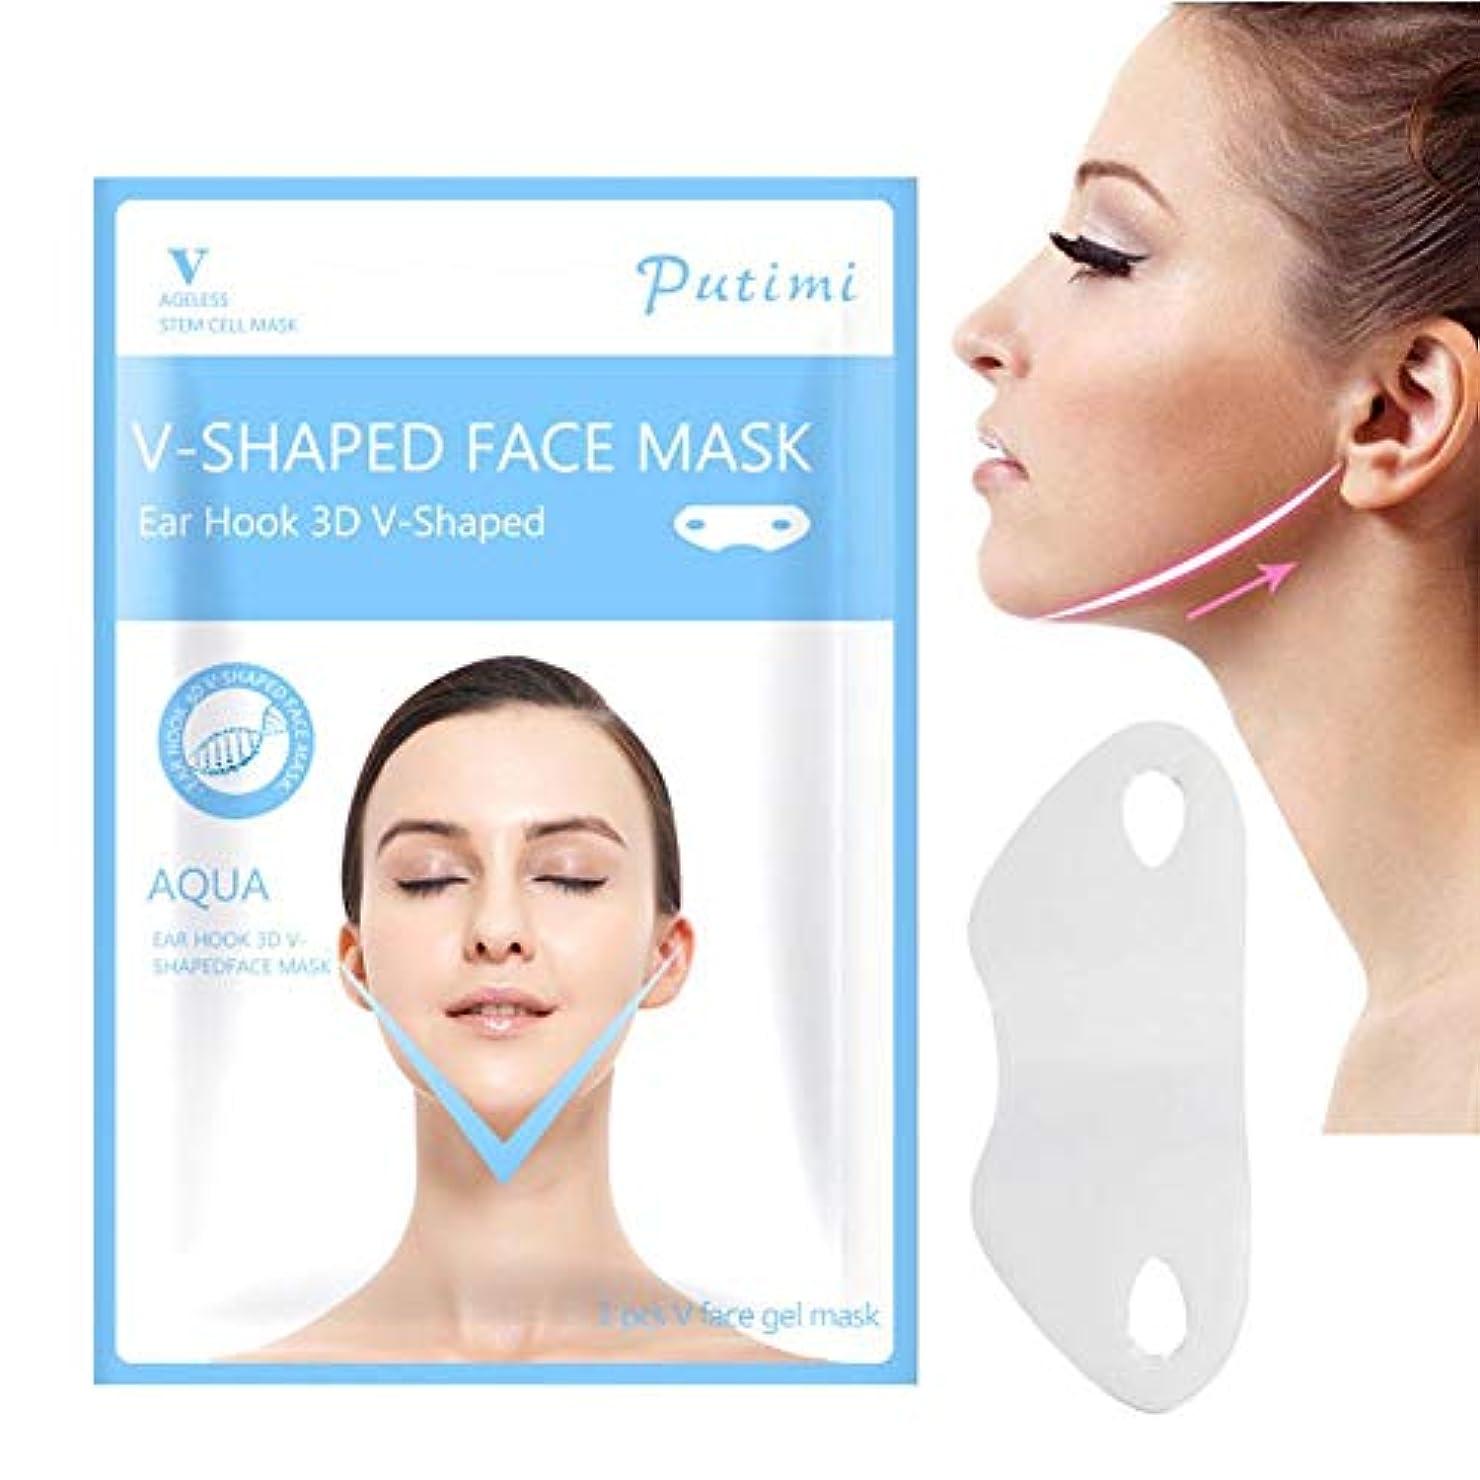 言及する健全出身地SILUN 最新型 Vフェイシャルマスク フェイスマスク 小顔 マスク フェイスラインベルト 美顔 顔痩せ 保湿 血行を促進する 睡眠マスク